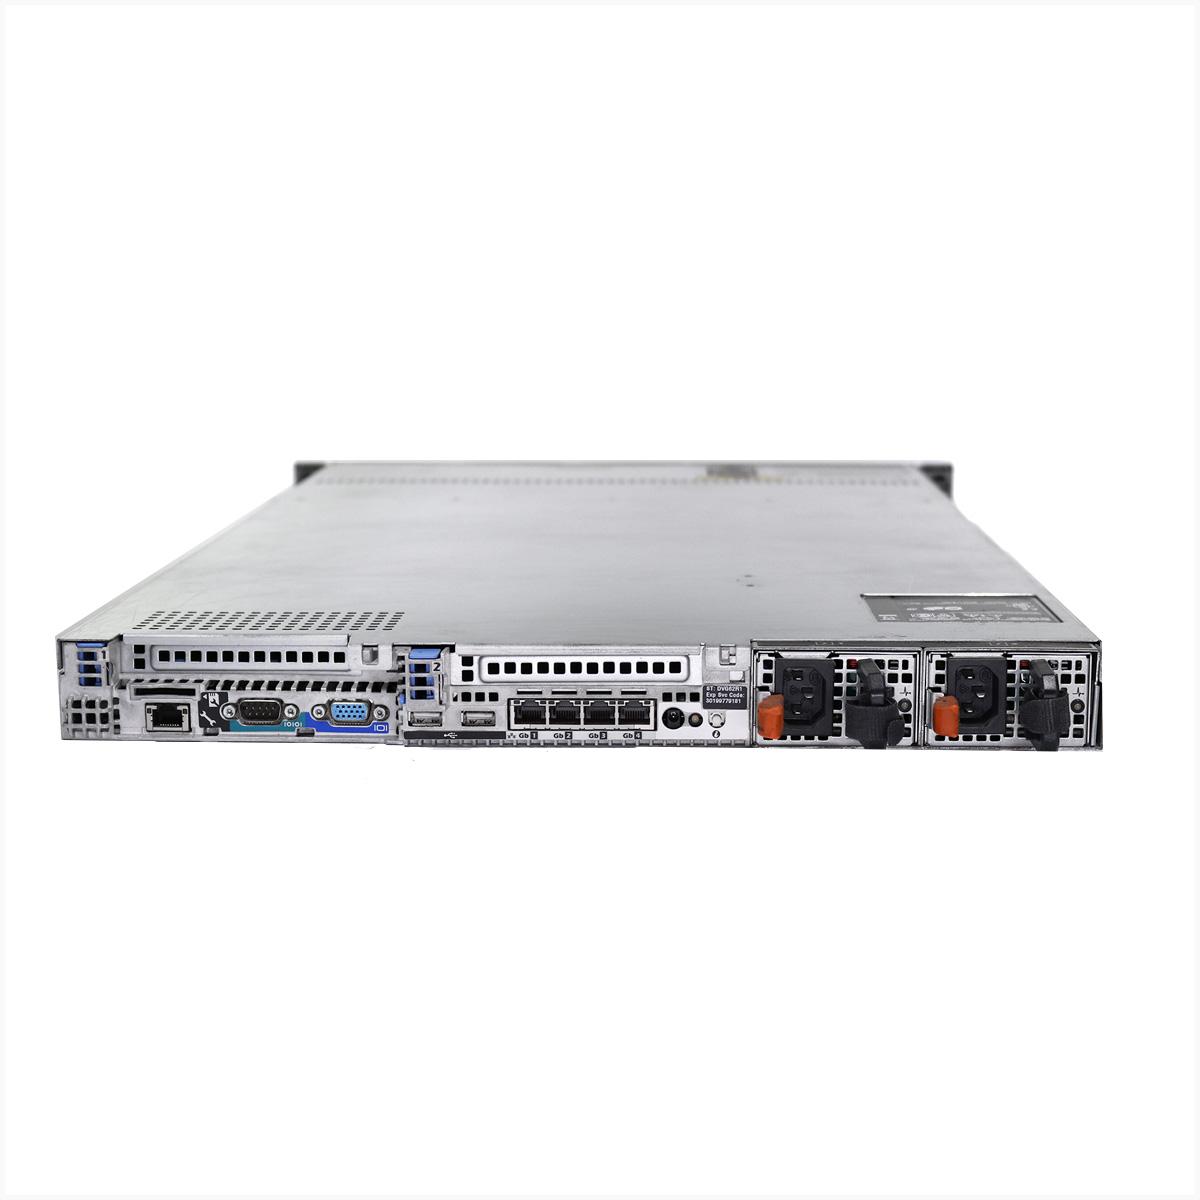 Servidor dell poweredge r610 2x x5690 64gb 2x 1tb - usado